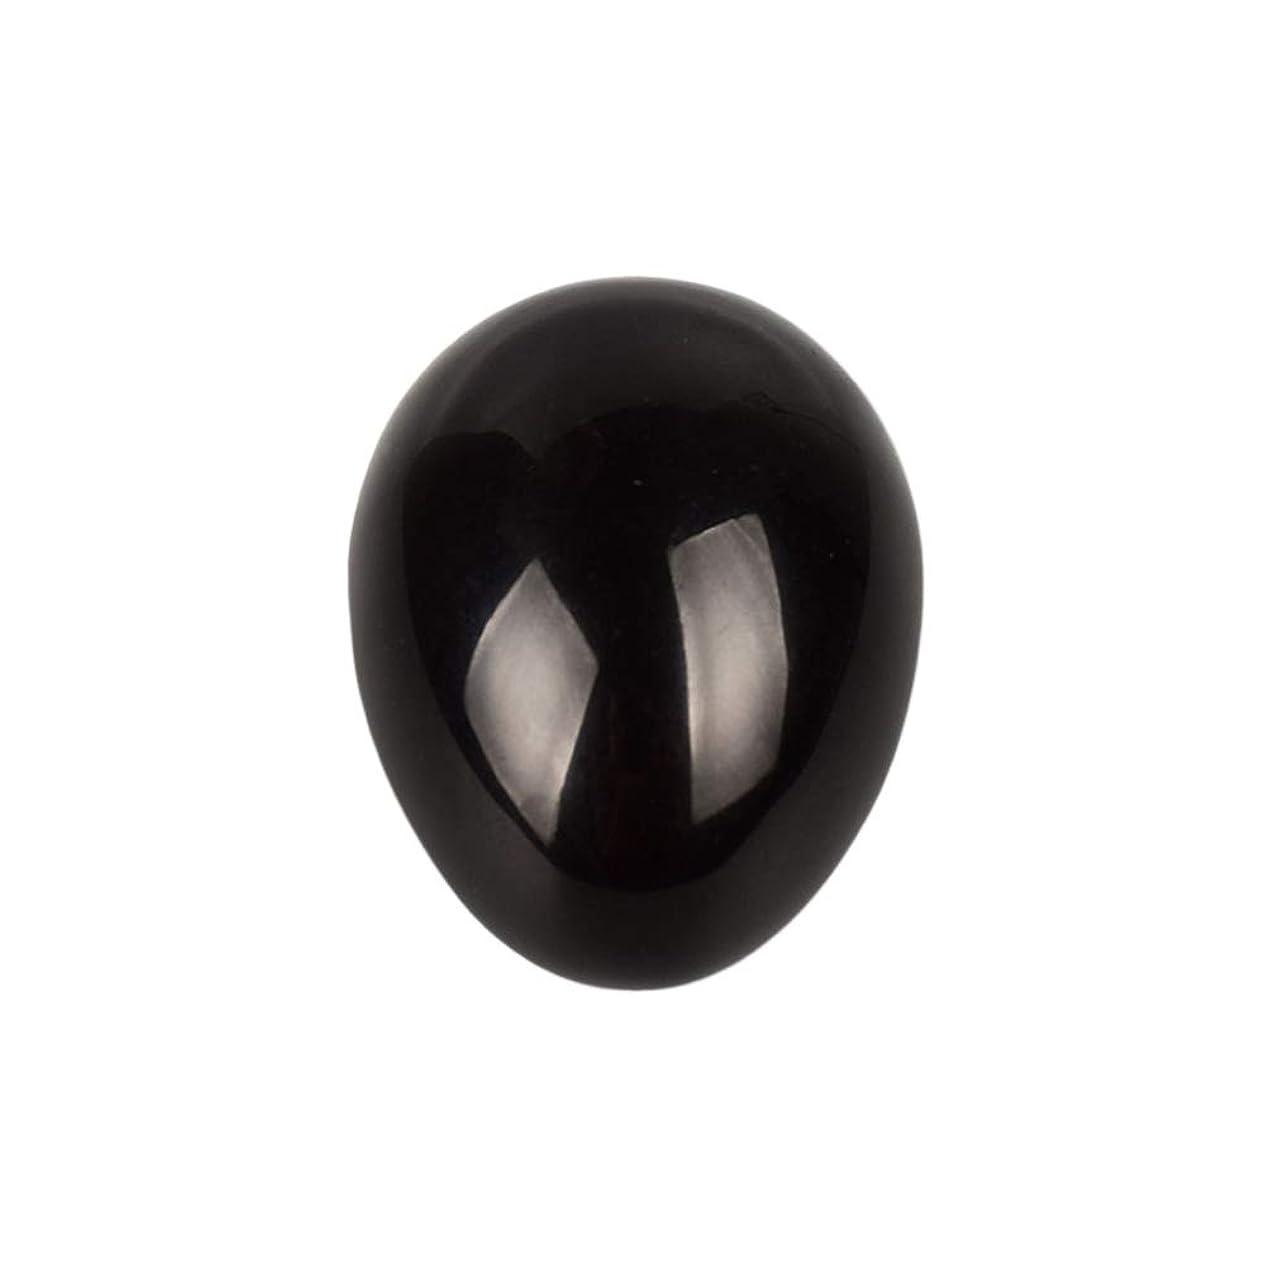 ねばねば発見行商HEALIFTY 黒曜石の癒し瞑想のための黒曜石の卵球